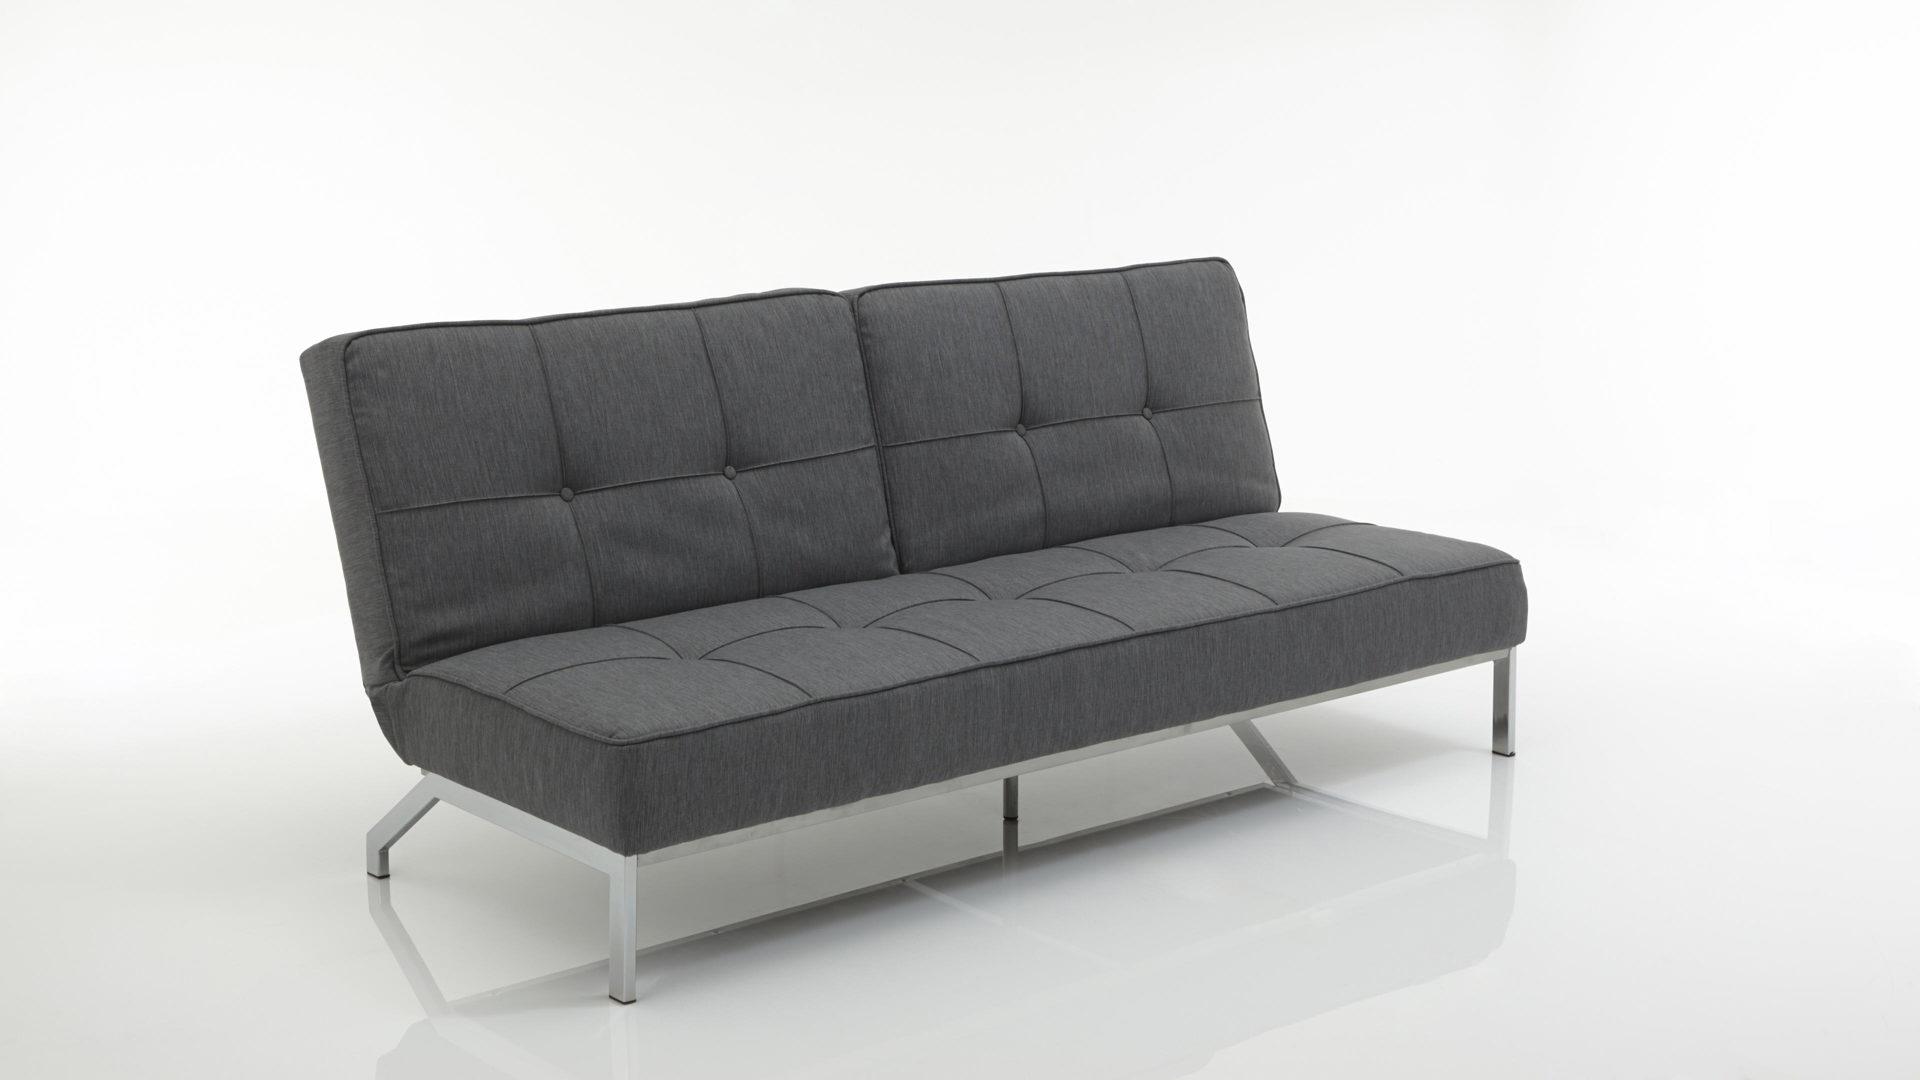 Trop mbelabholmarkt gmbh mbel a z couches sofas 360 ansicht parisarafo Choice Image